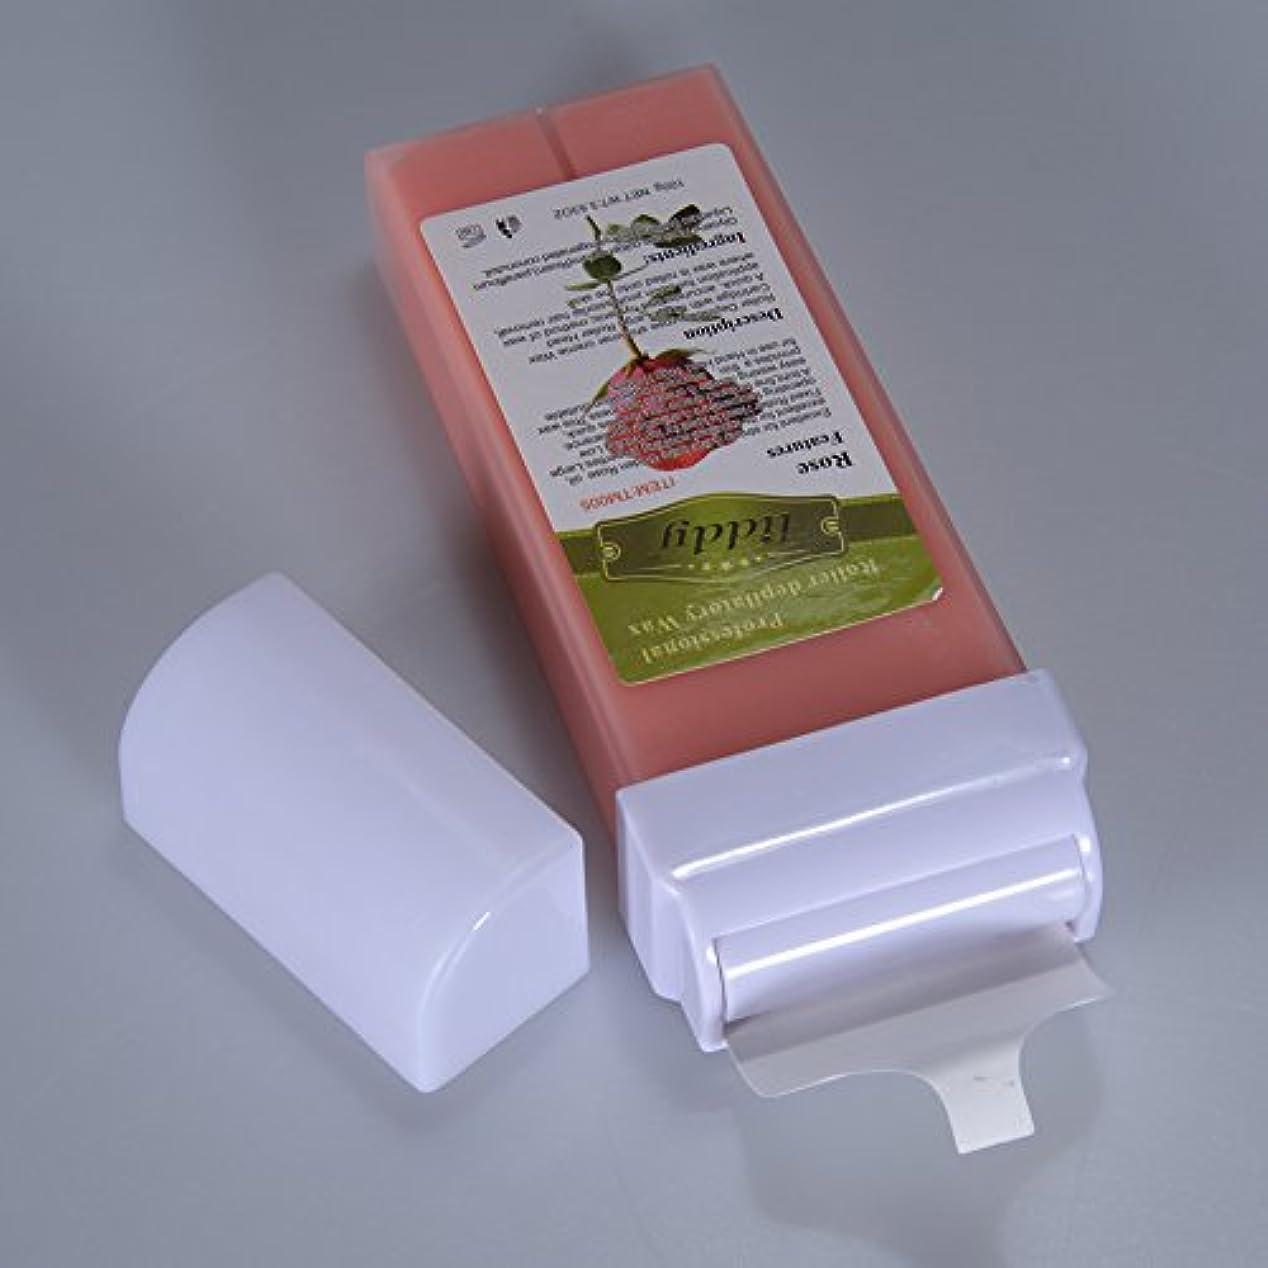 スポークスマンオークランド硬化するRabugoo 脱毛プロフェッショナル使用水溶性脱毛砂糖ワックスカートリッジワックスグッドスメル - 100g / 3.53oz 100g rose